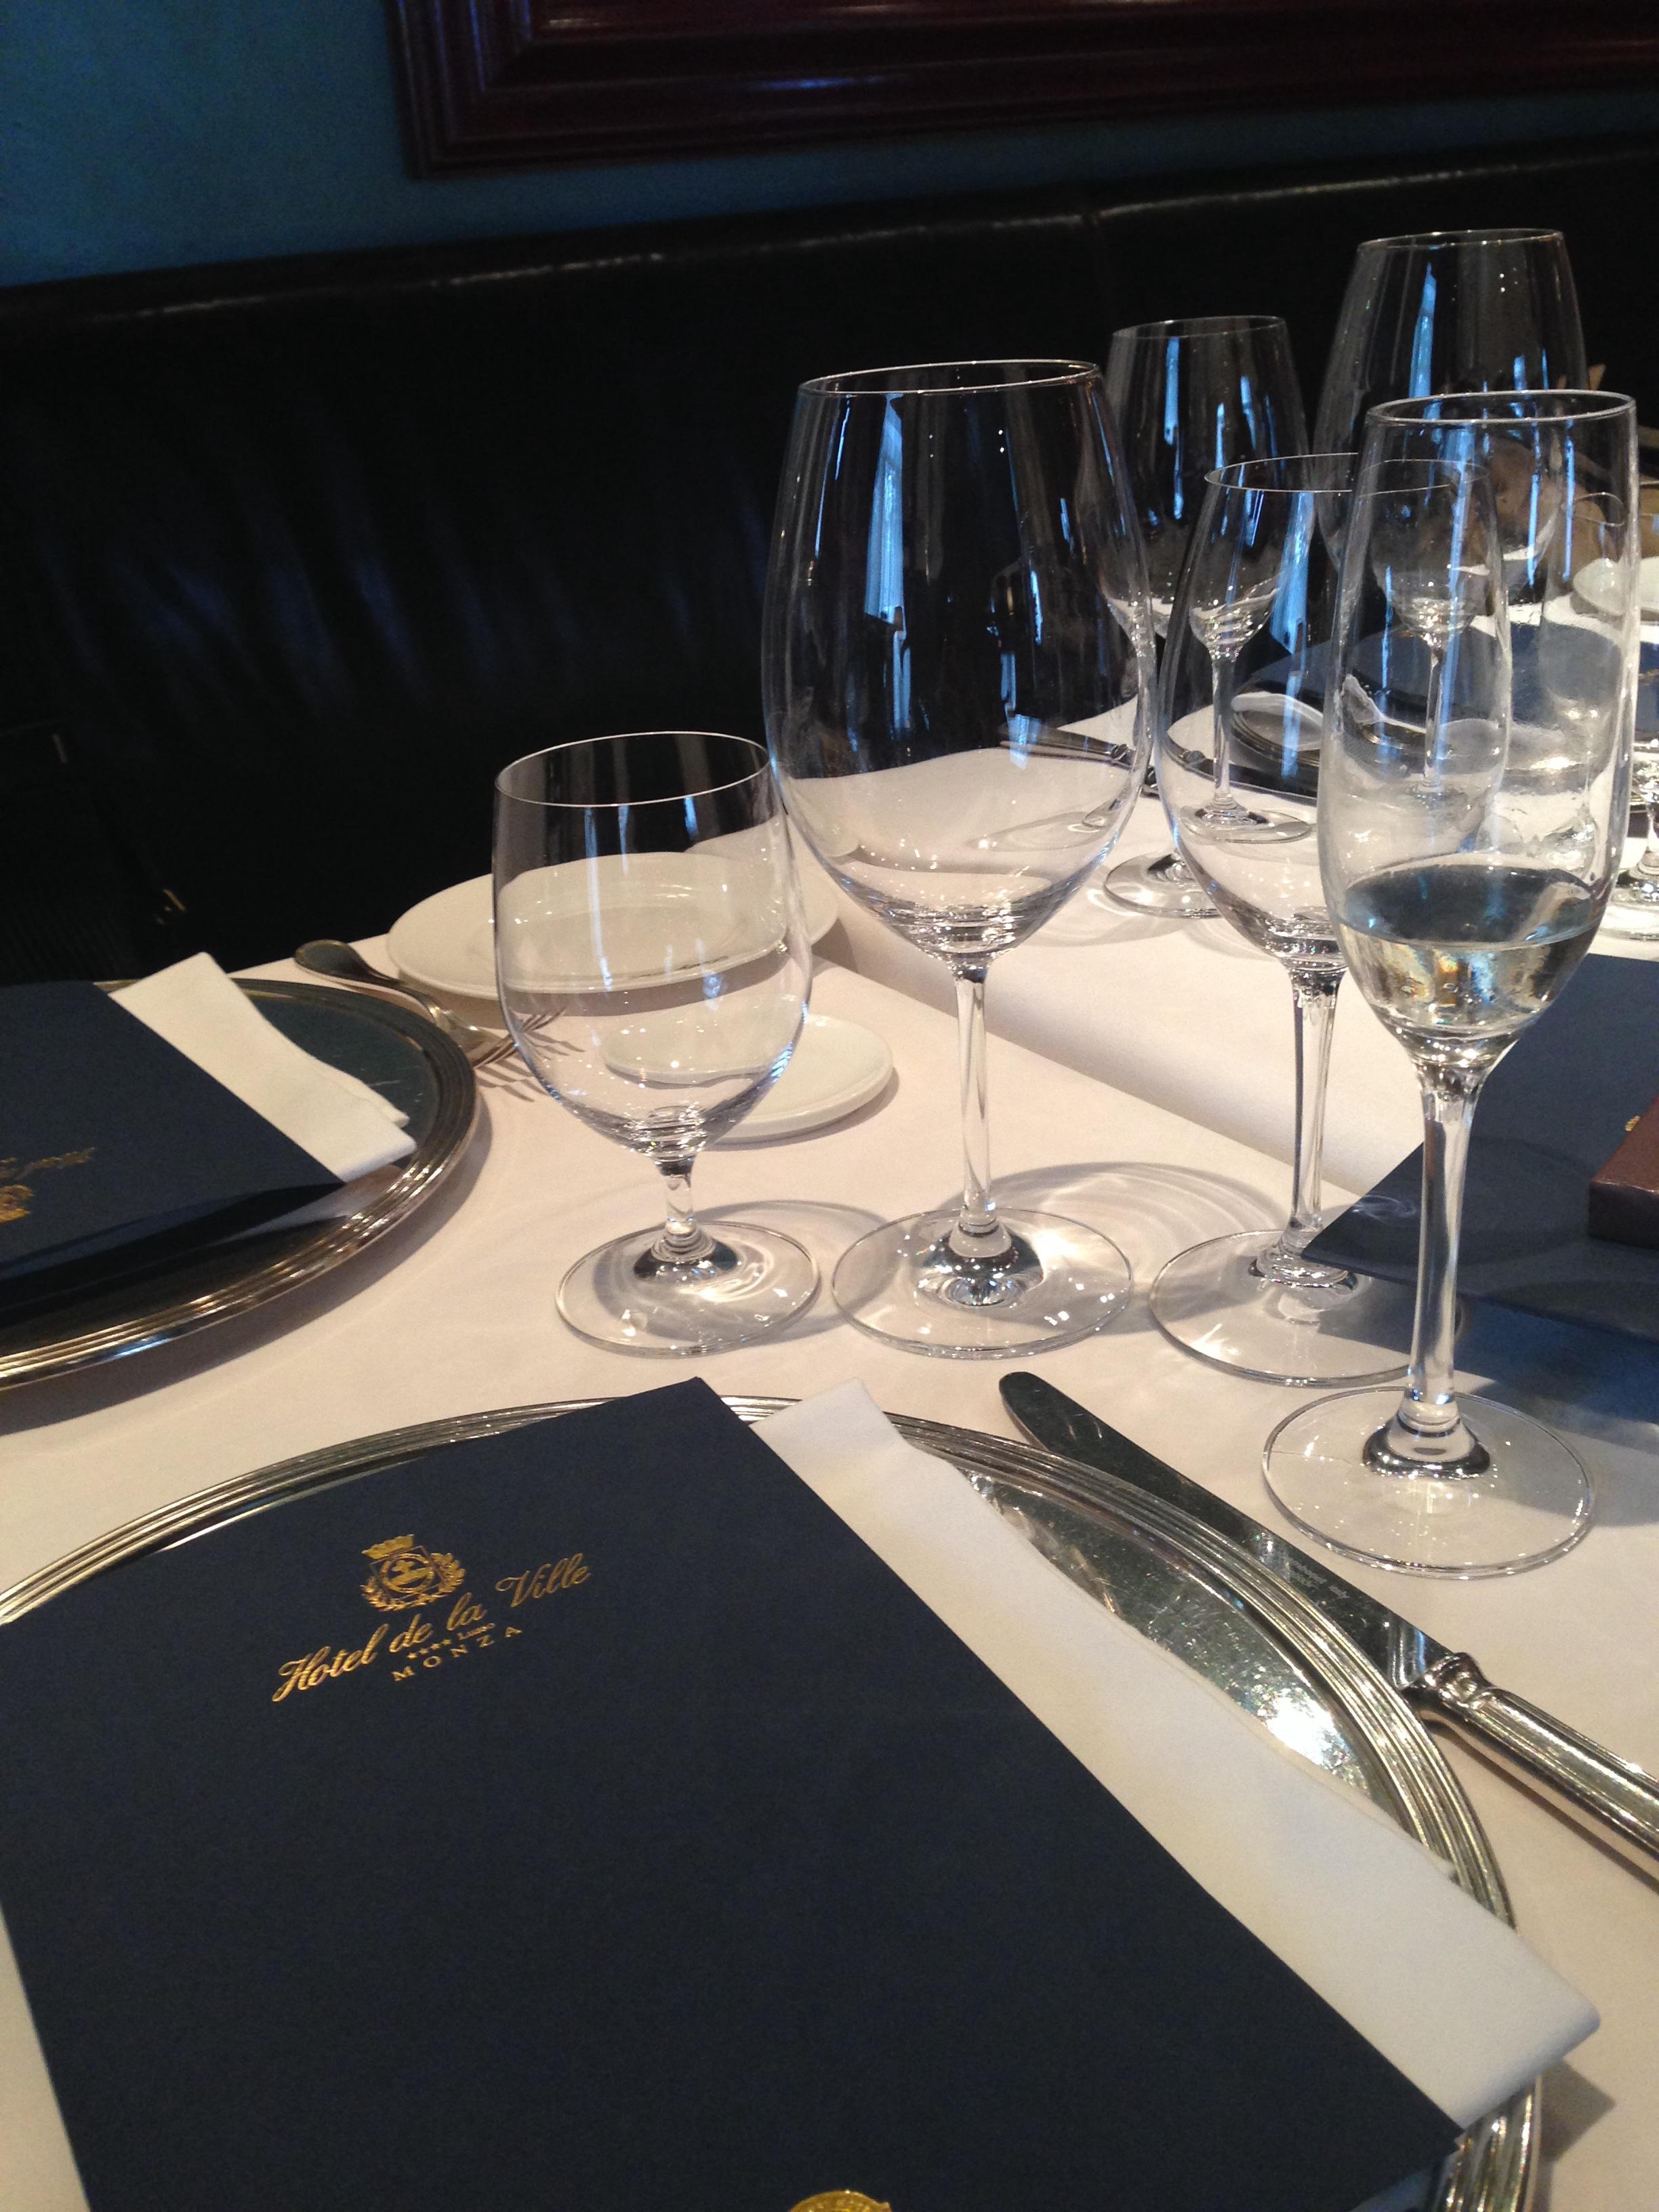 img_3283 Pausa pranzo al ristorante Deby Grill presso l'Hote de la Ville a Monza